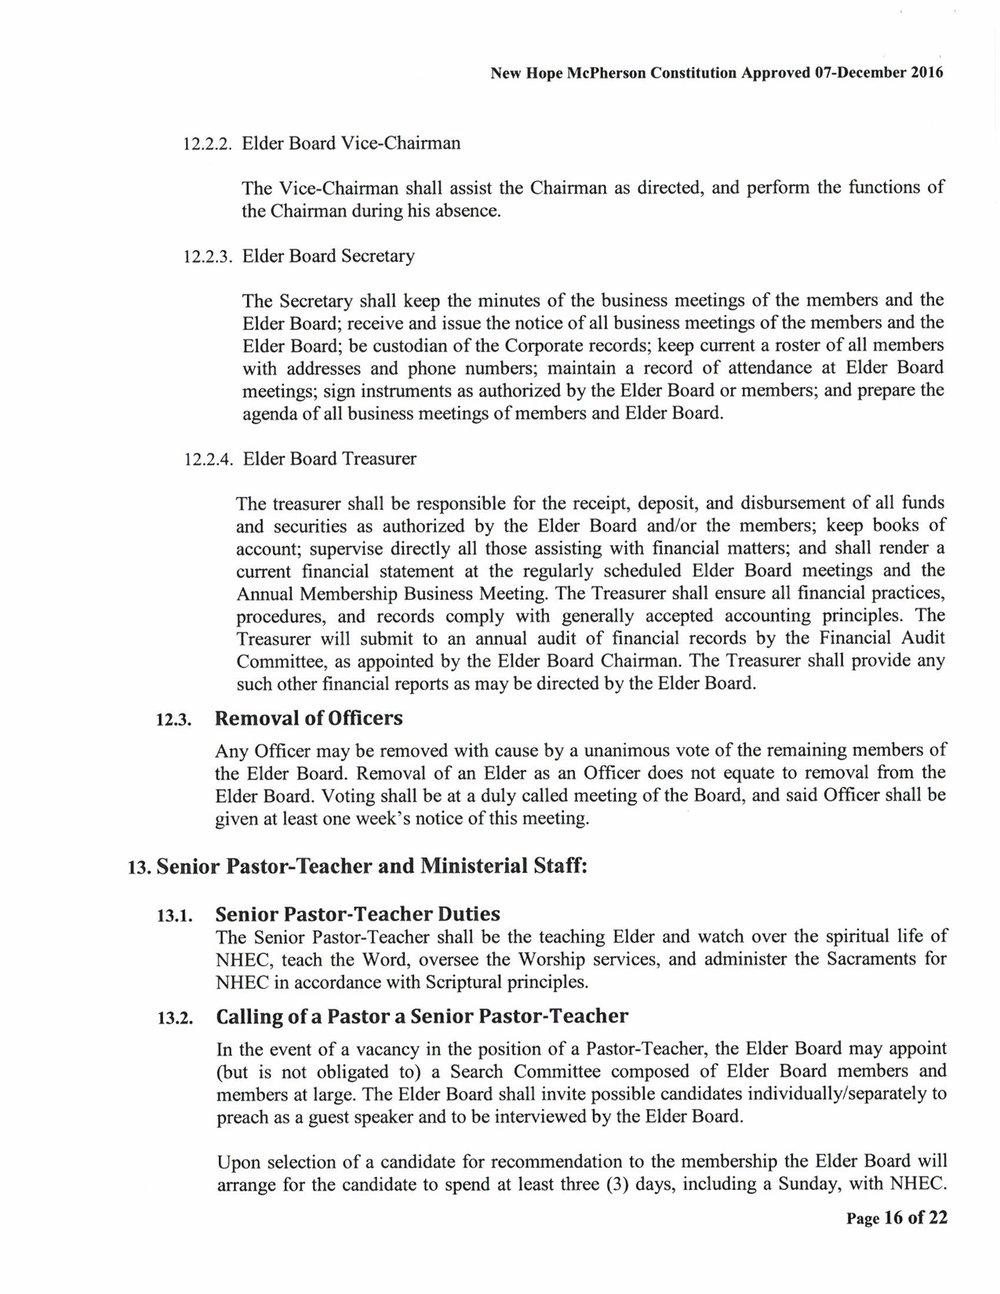 Constitution 26.jpg